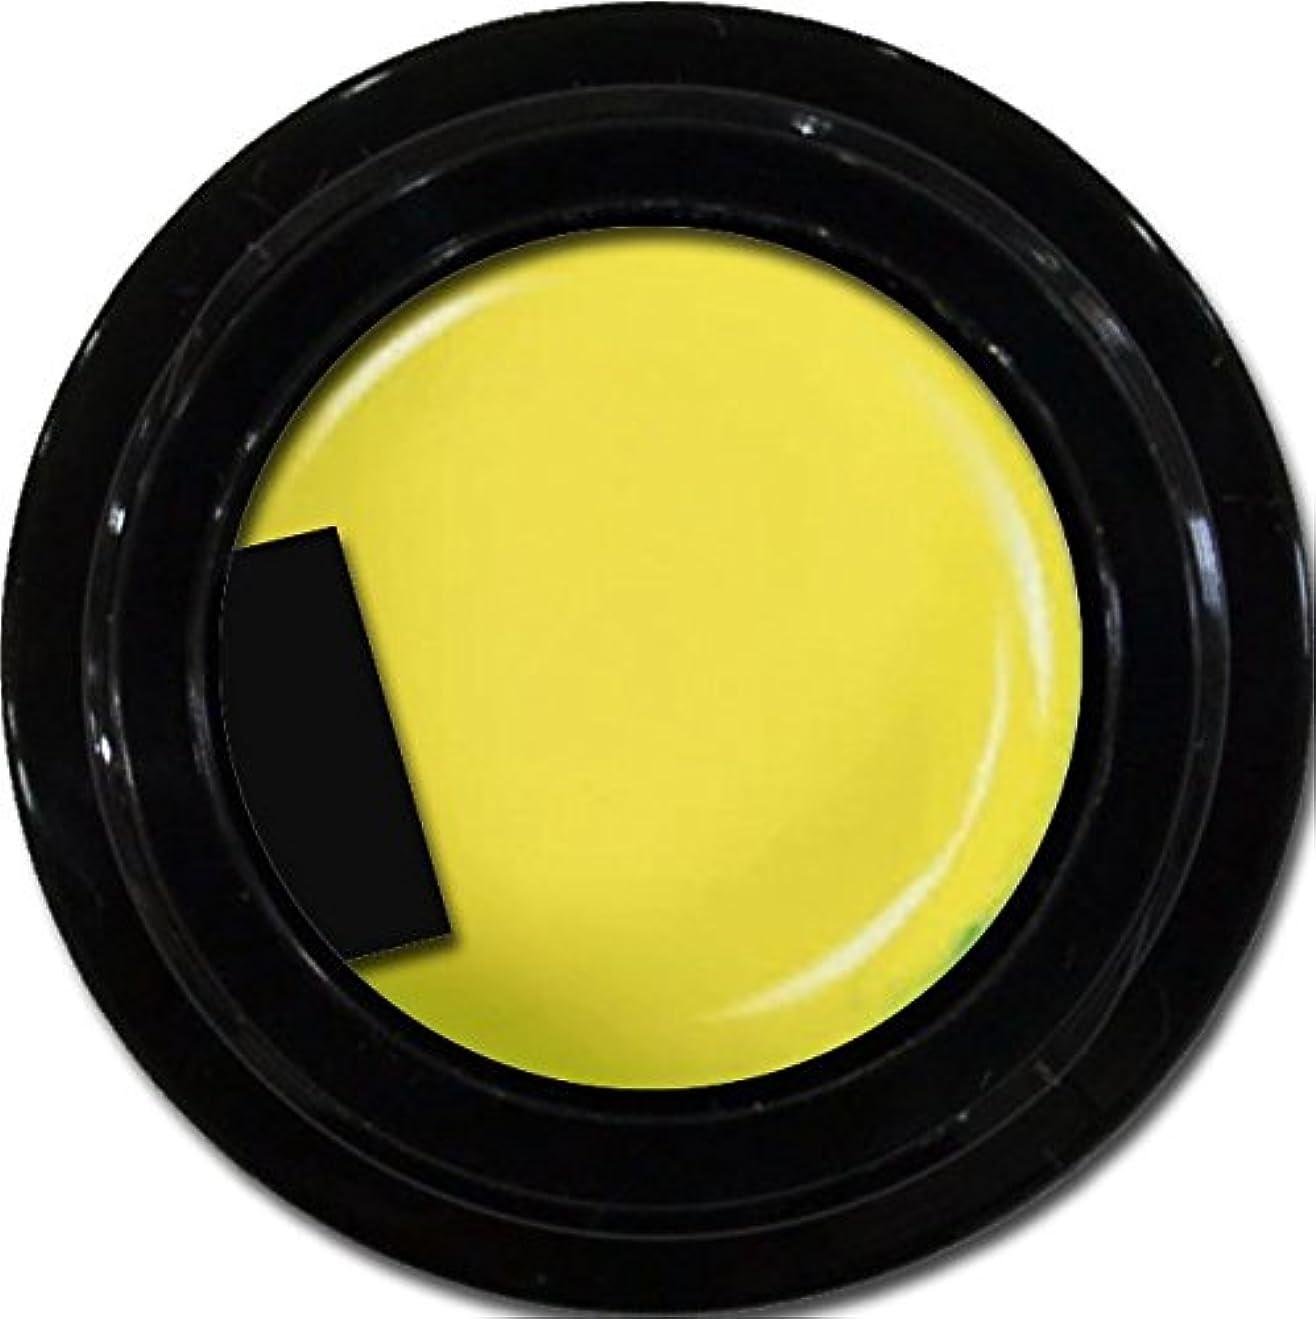 踊り子触覚感染するカラージェル enchant color gel M602 MoroccoYellow 3g/ マットカラージェル M602 モロッコイエロー 3グラム